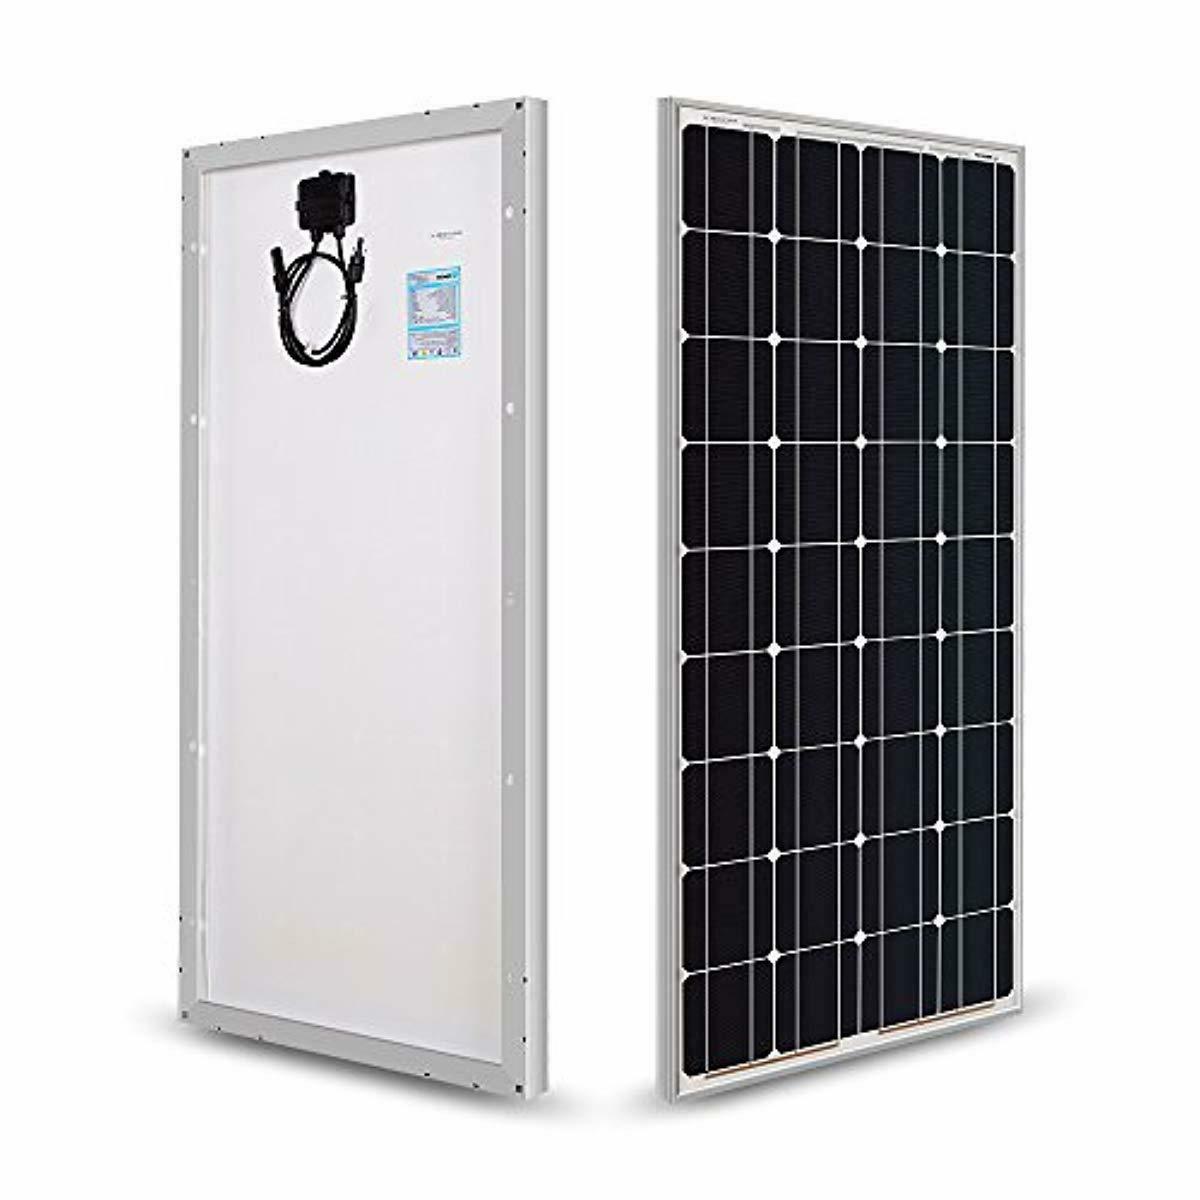 100 watts 12 volts monocrystalline solar panel